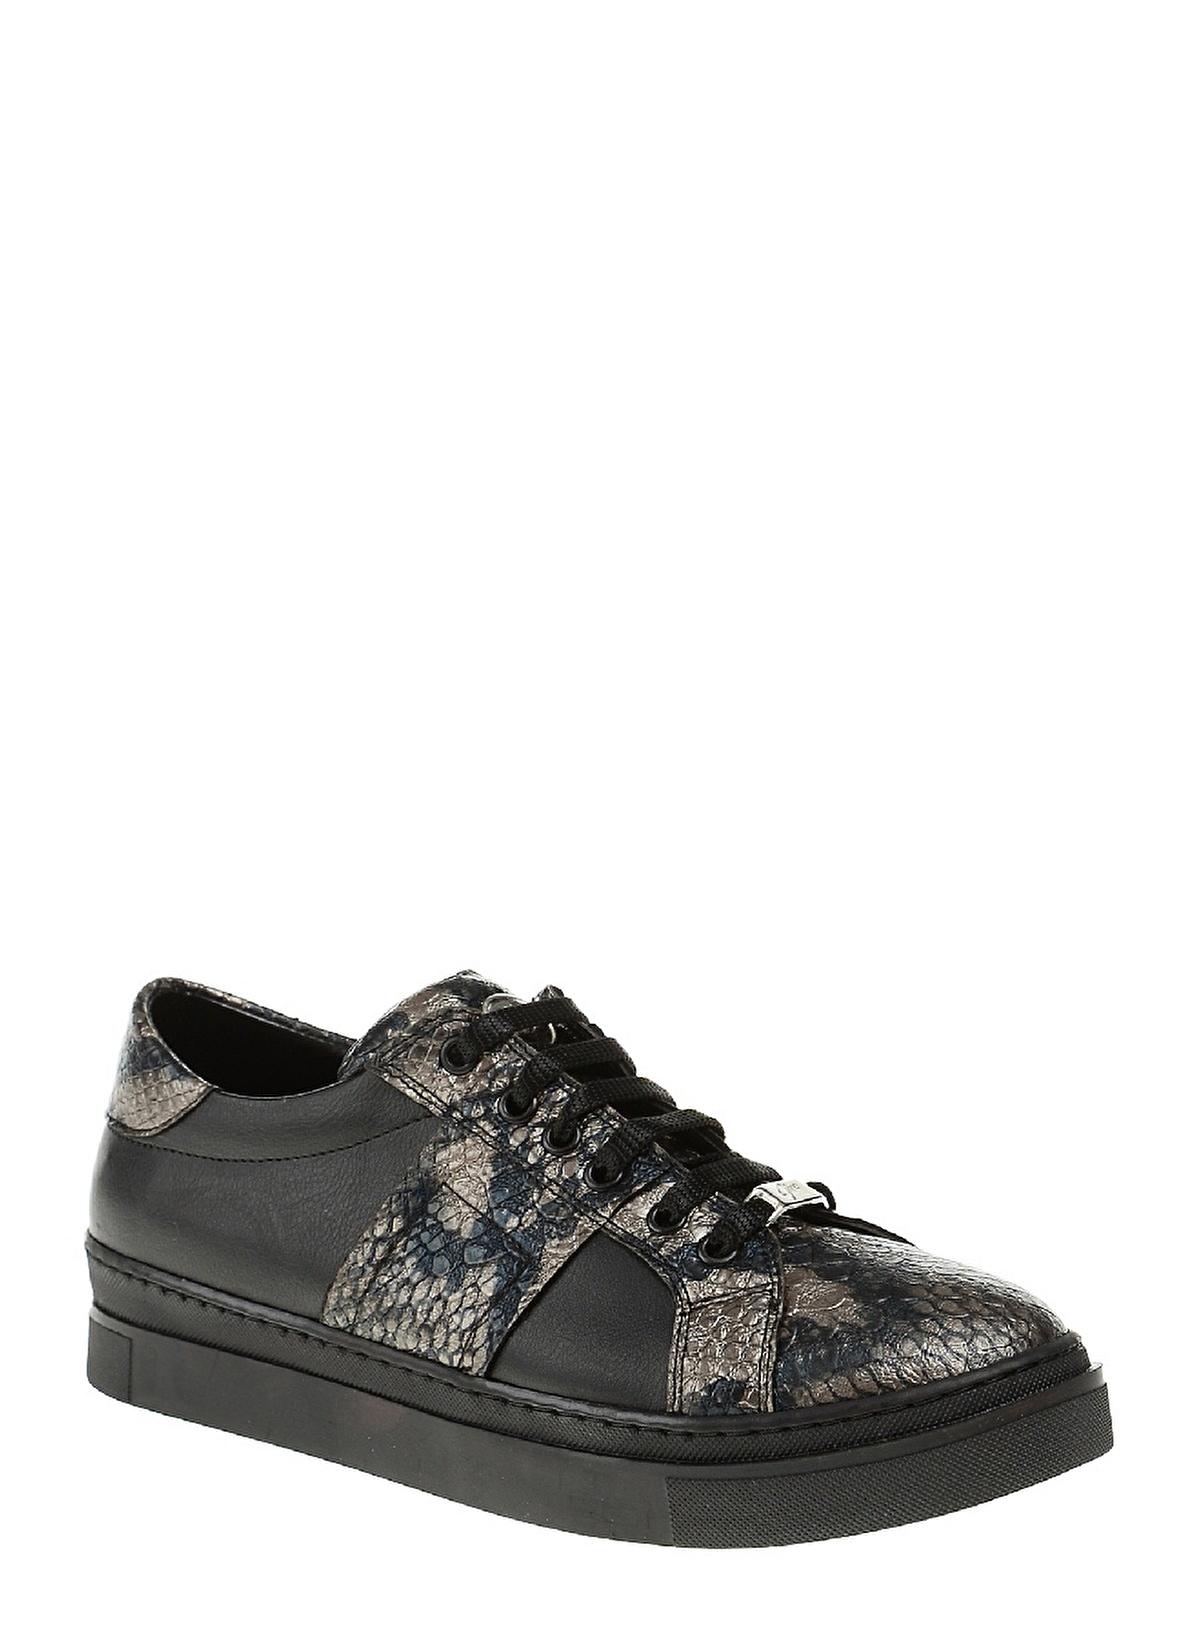 Divarese Lifestyle Ayakkabı 5019091 K Sneaker – 79.0 TL